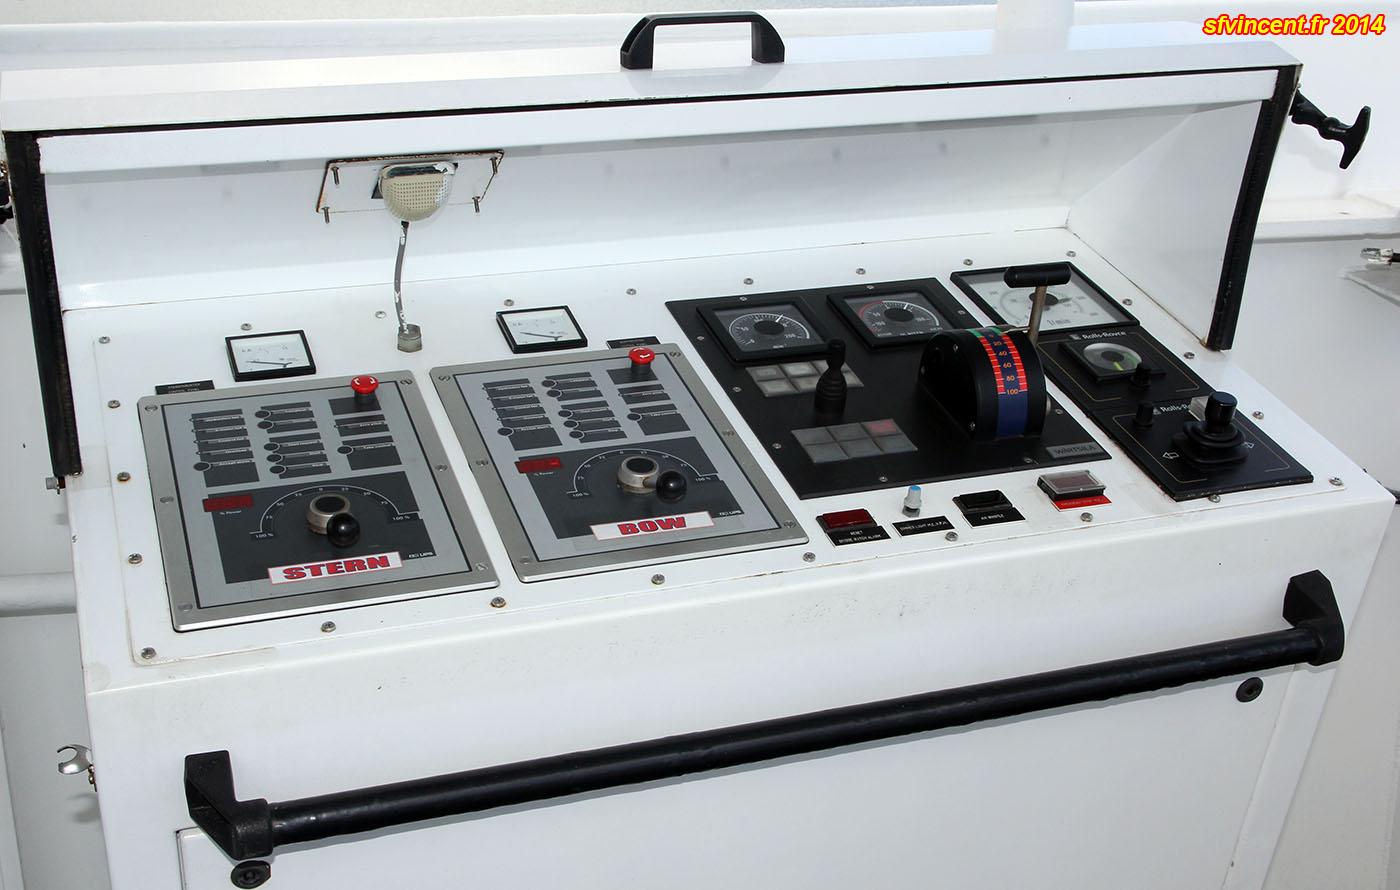 cargo porte conteneurs 39 samskip express 39 a l 39 extr mit de chaque aileron de la passerelle un. Black Bedroom Furniture Sets. Home Design Ideas